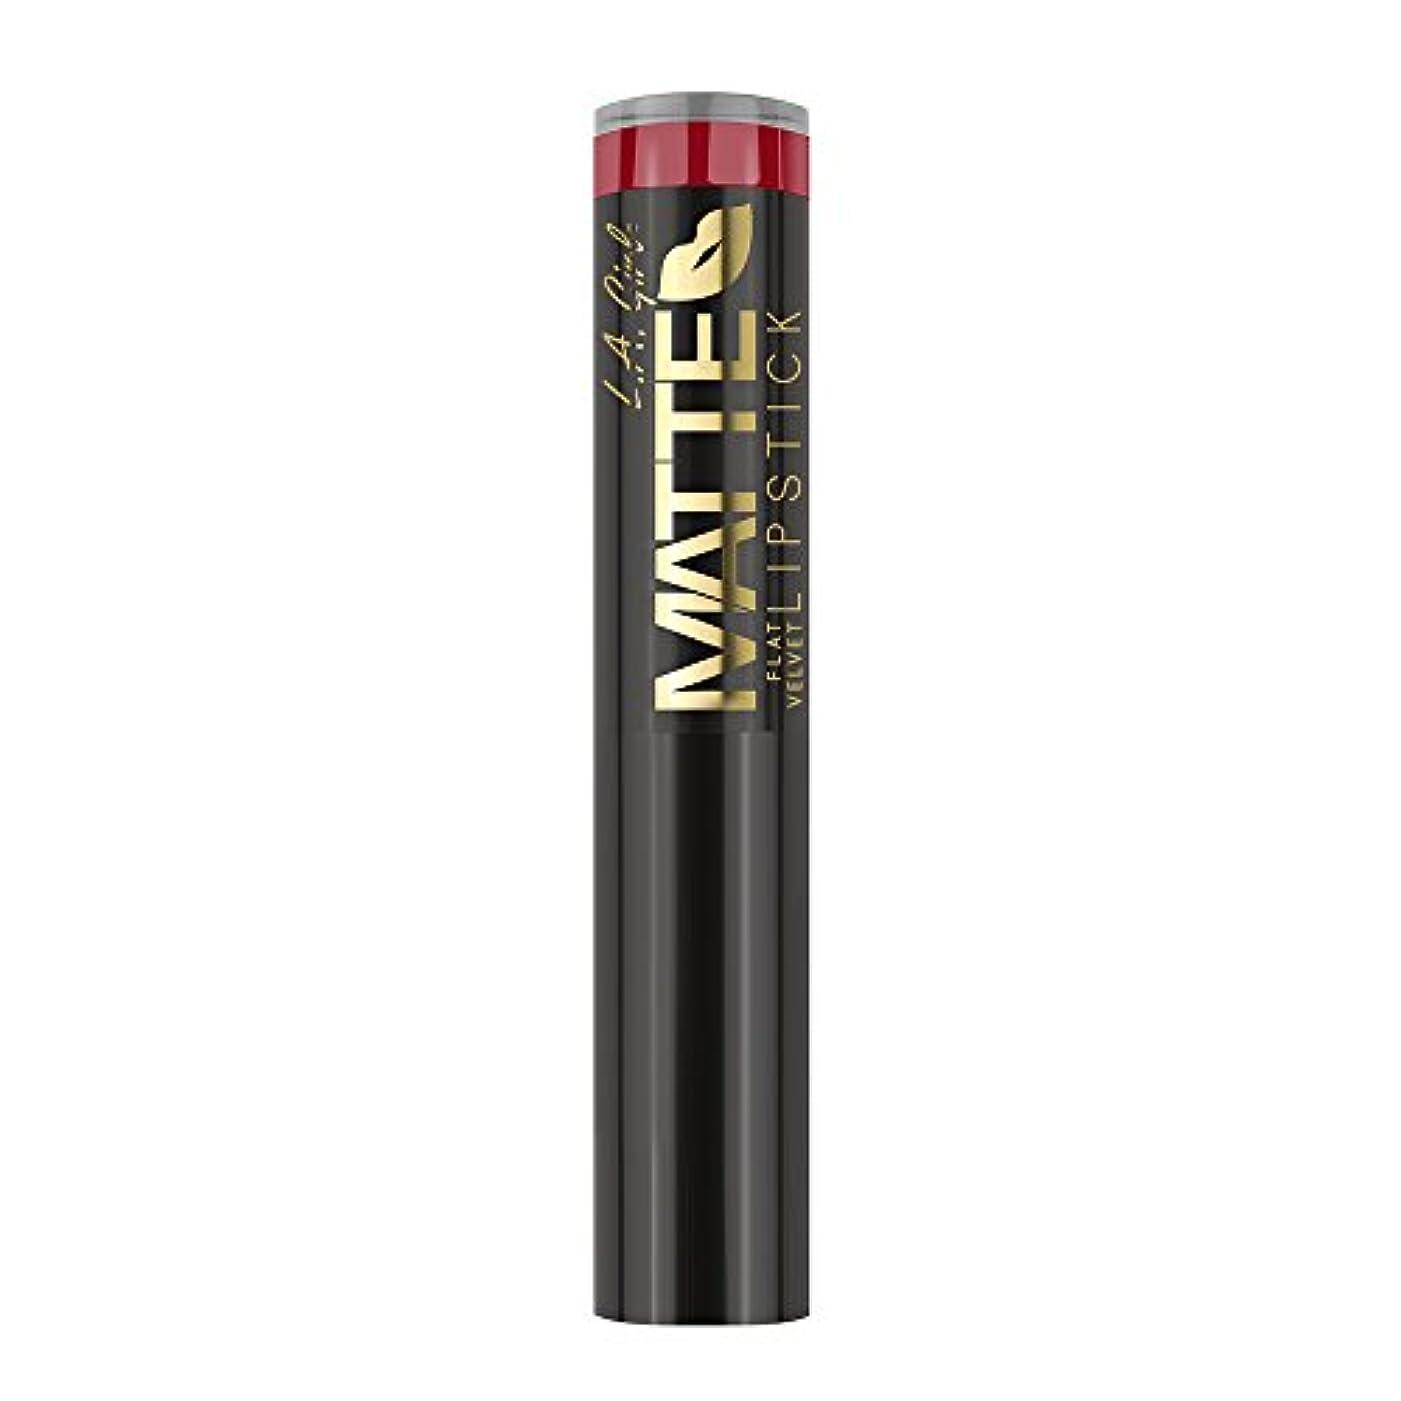 会社洞察力のある破壊的な(3 Pack) L.A. GIRL Matte Flat Velvet Lipstick Relentless (並行輸入品)